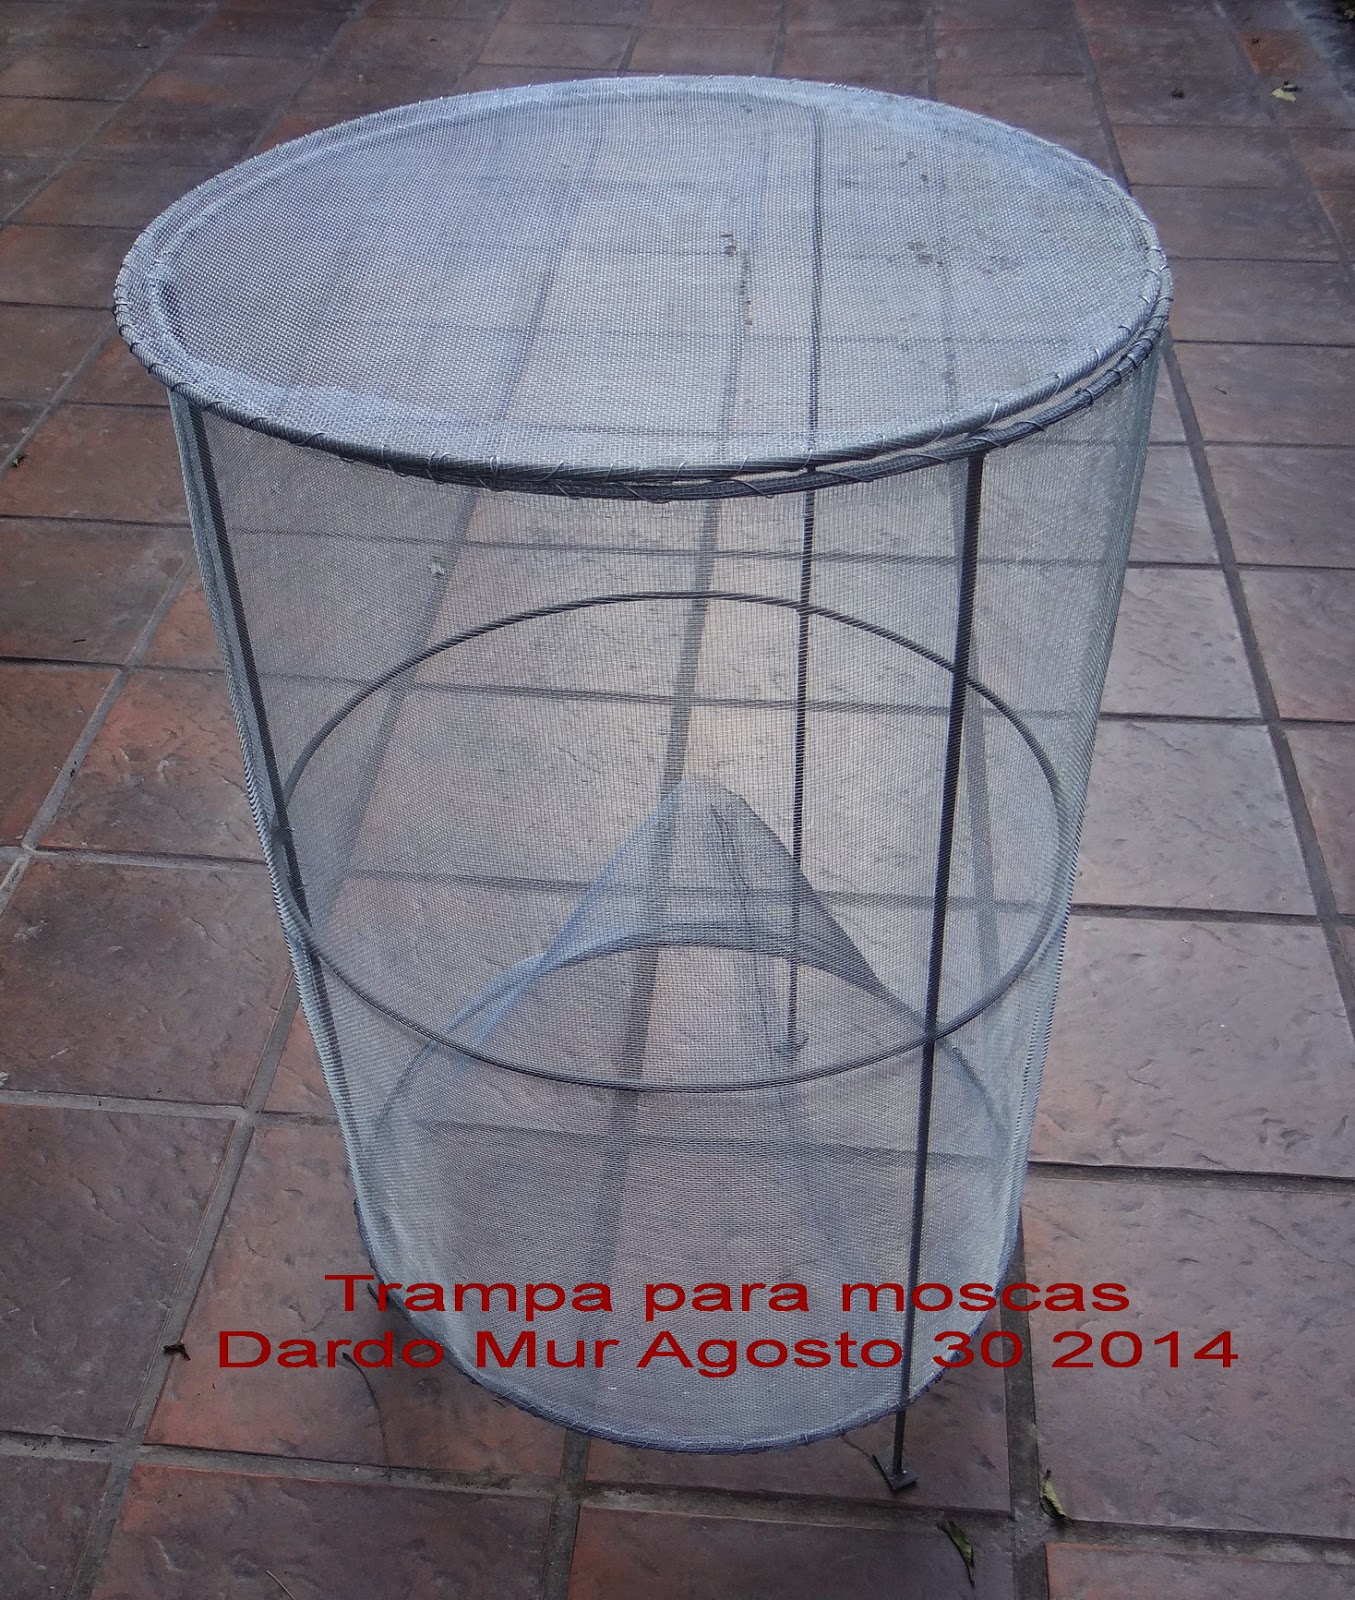 Plagas Urbanas Mendoza